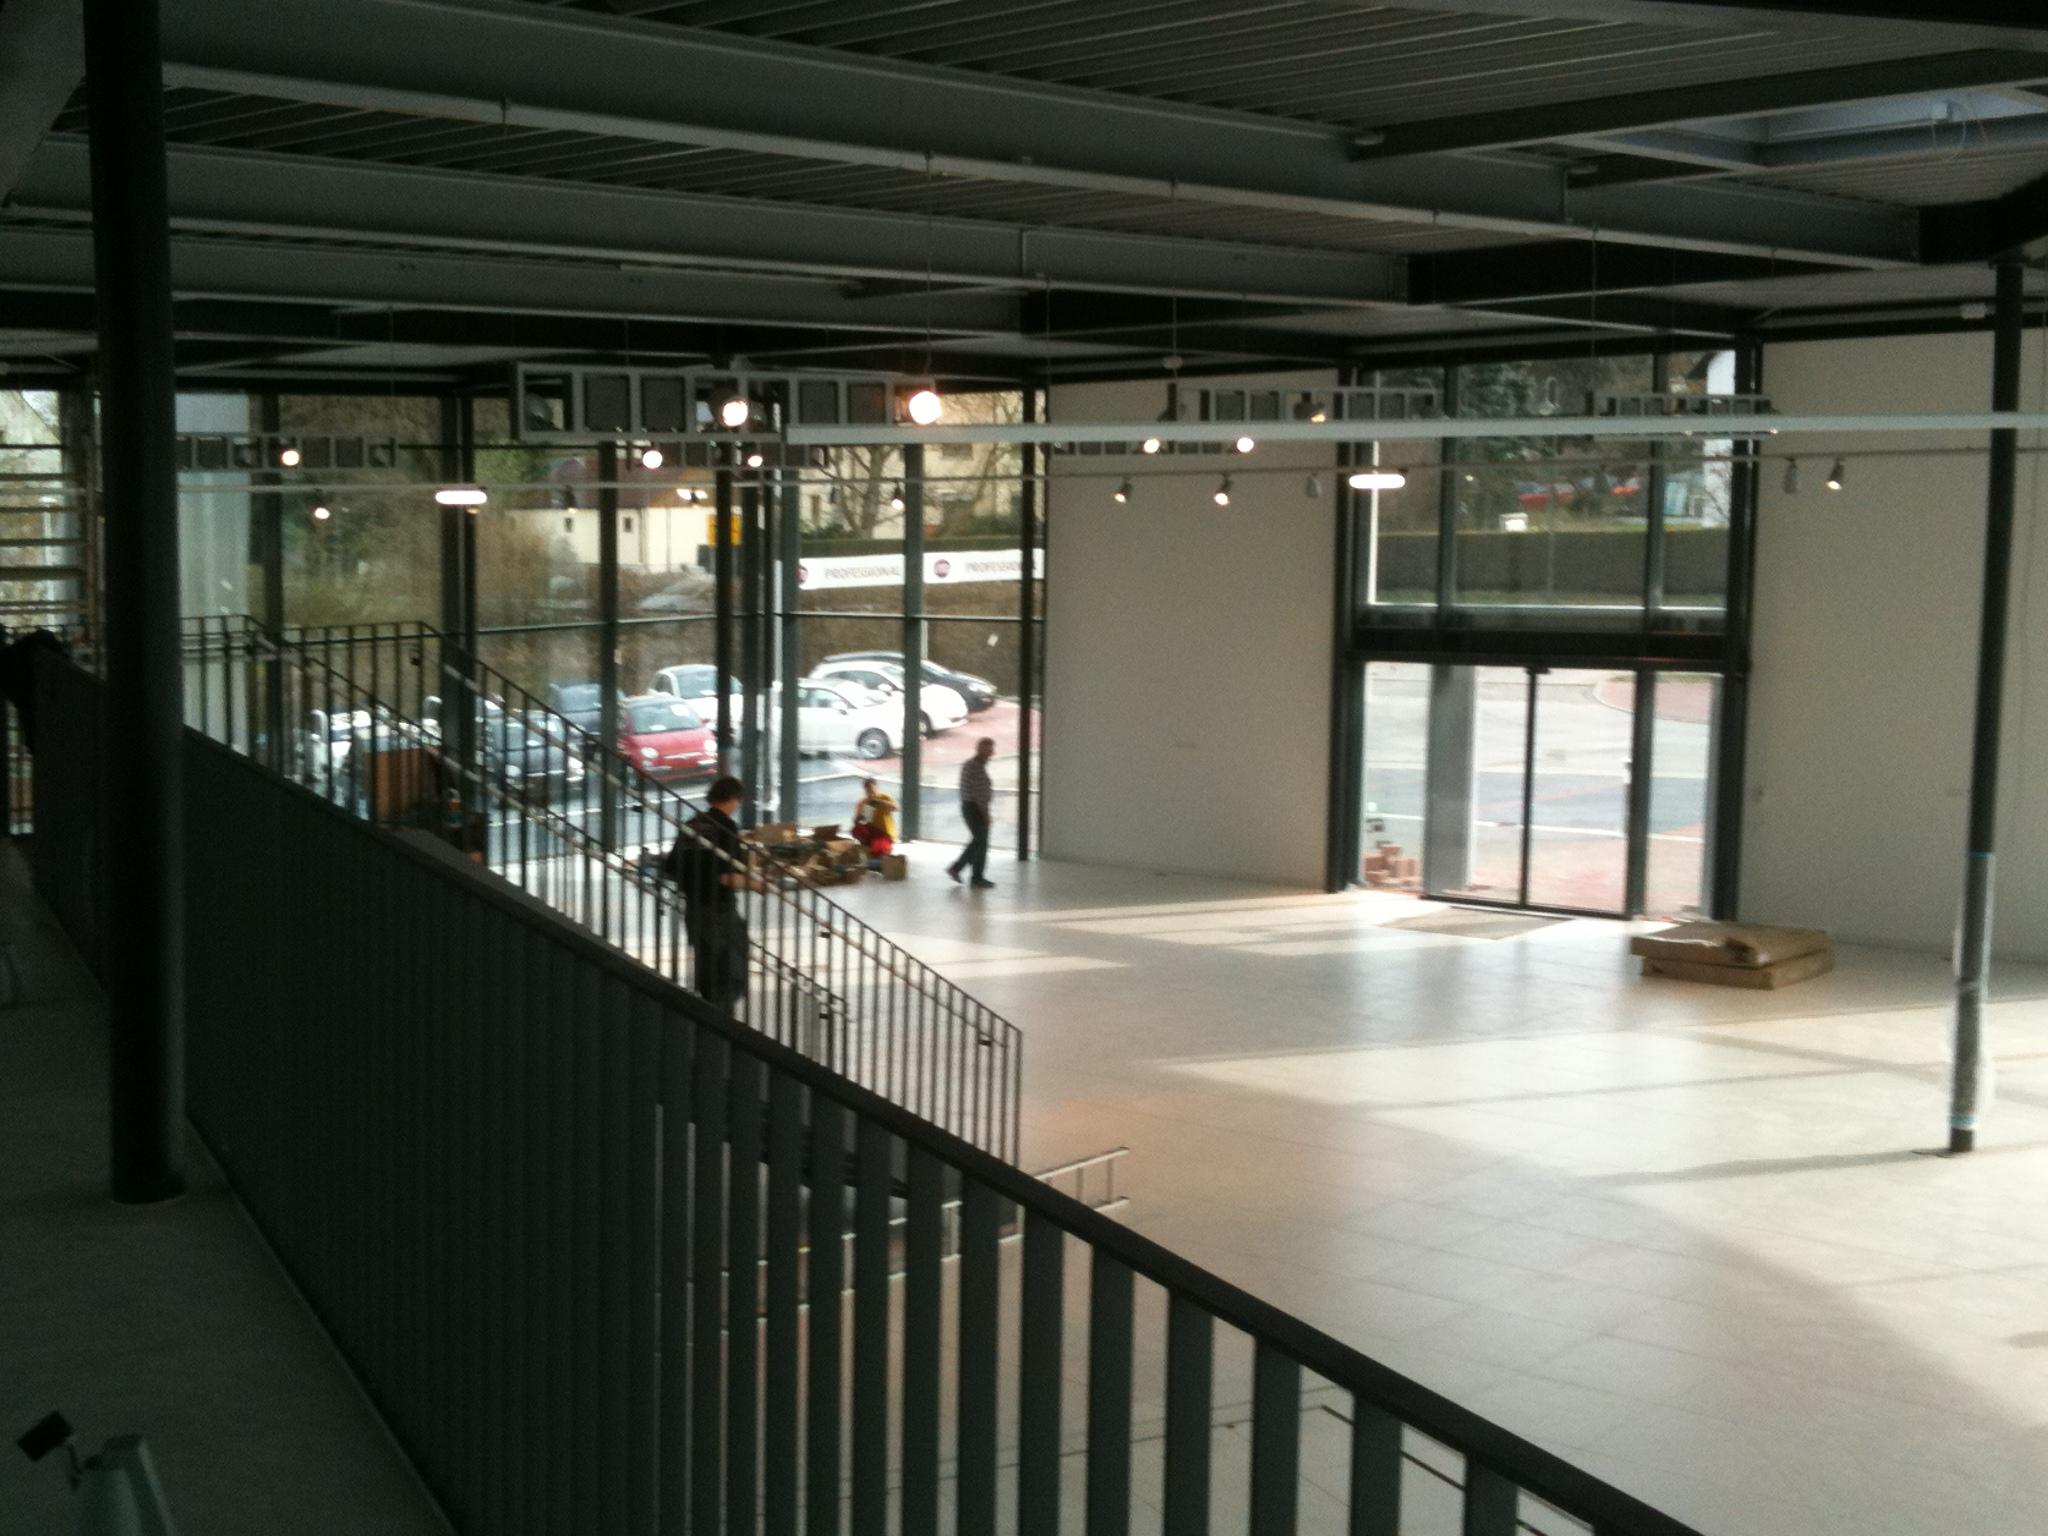 Neueröffung des Ausstellungsraums